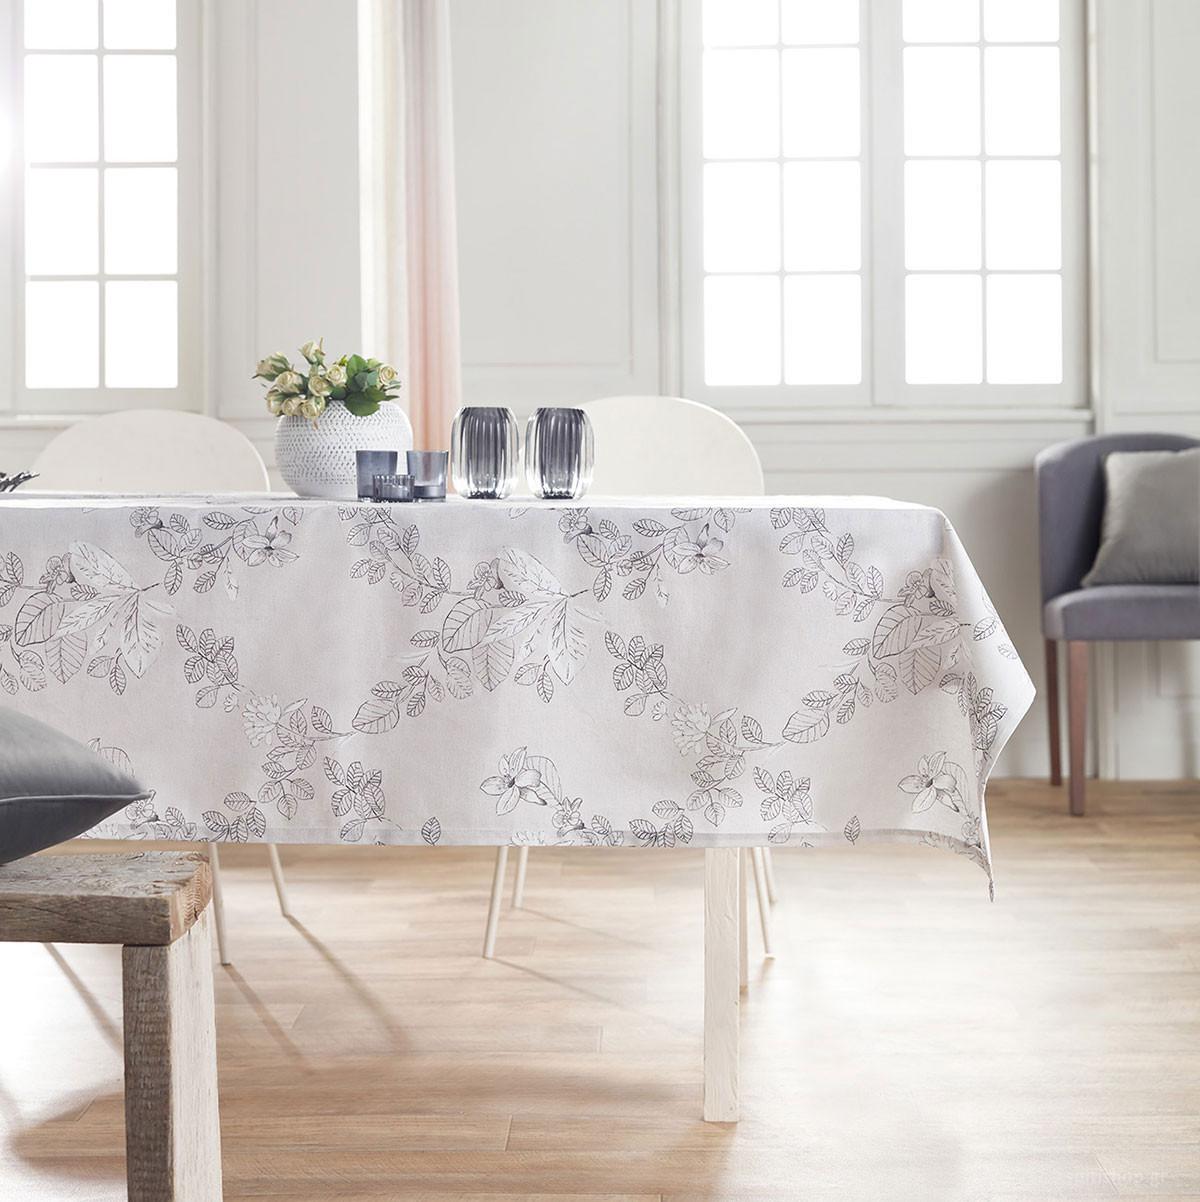 Καρέ Gofis Home White Blossom 737 home   κουζίνα   τραπεζαρία   καρέ